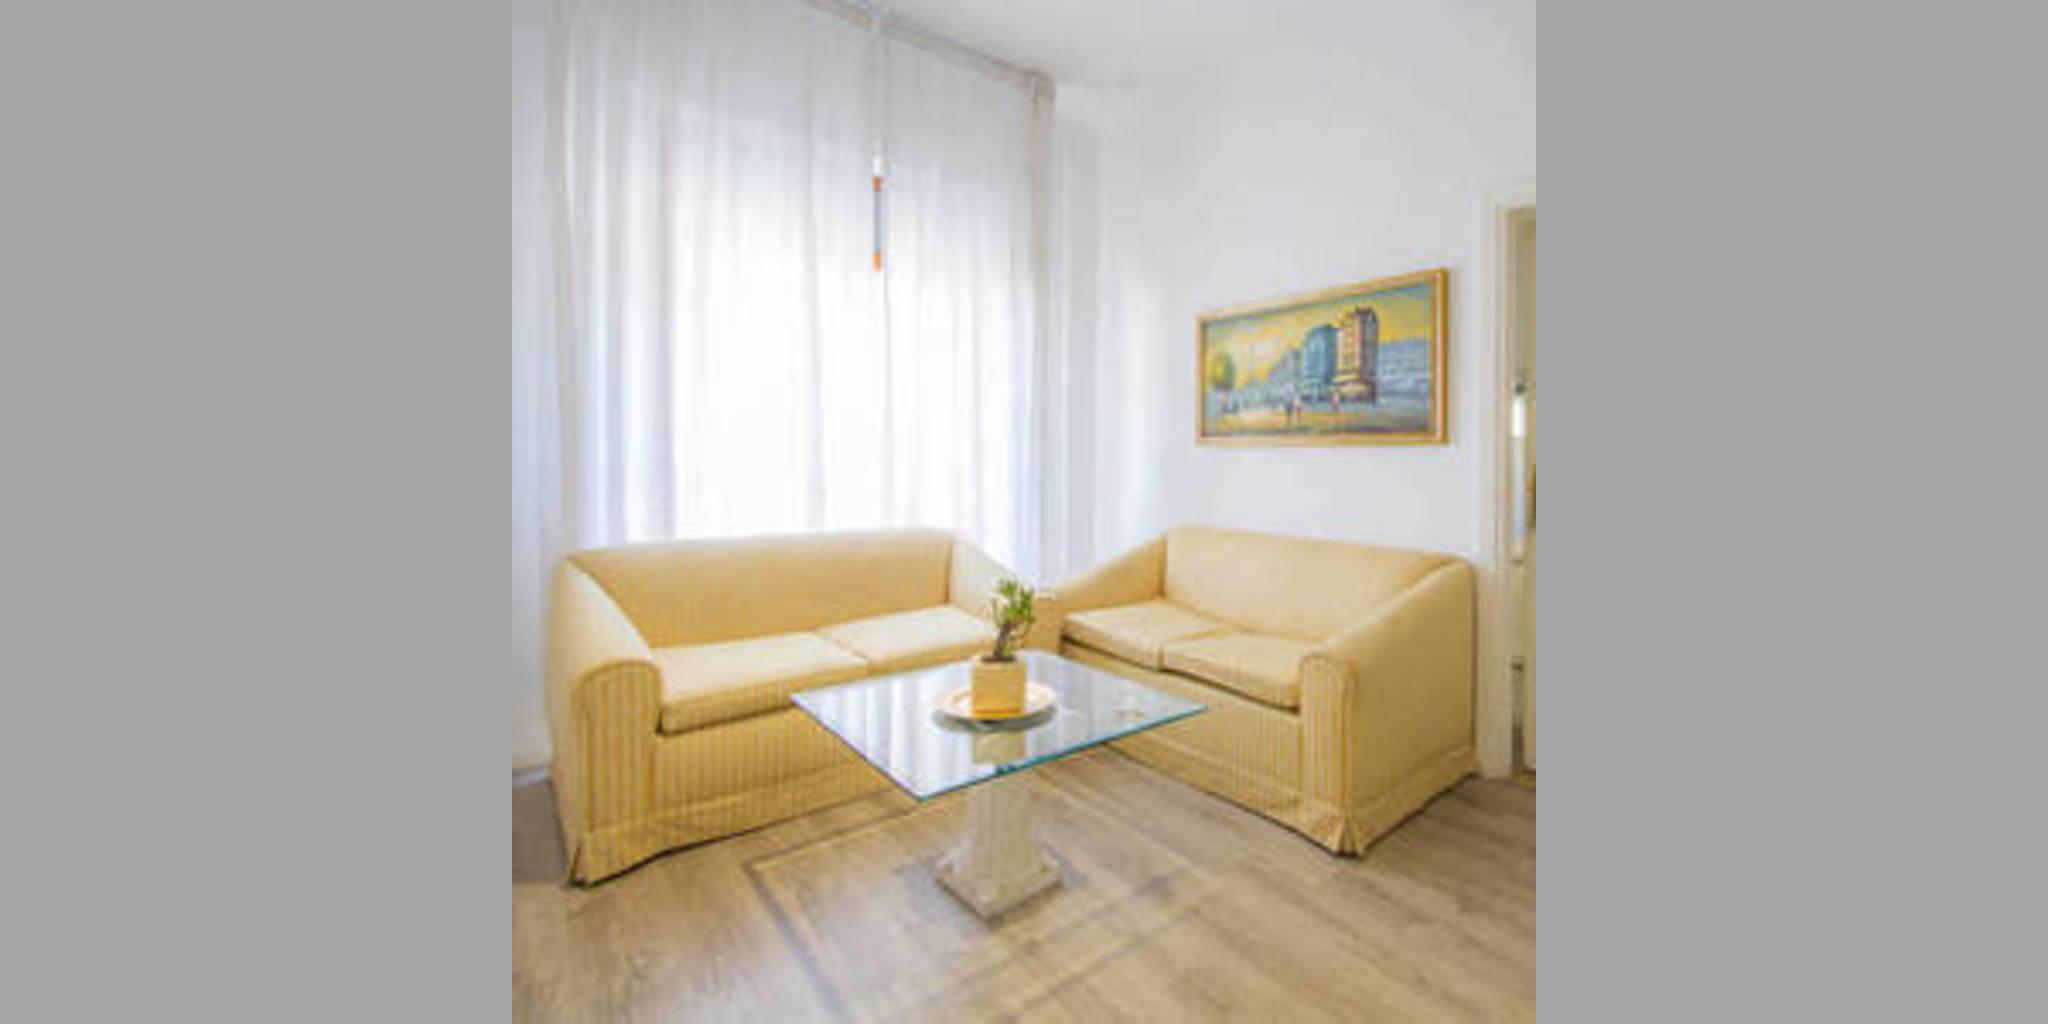 Bed & Breakfast Lecce - B&B Centro Storico Lecce